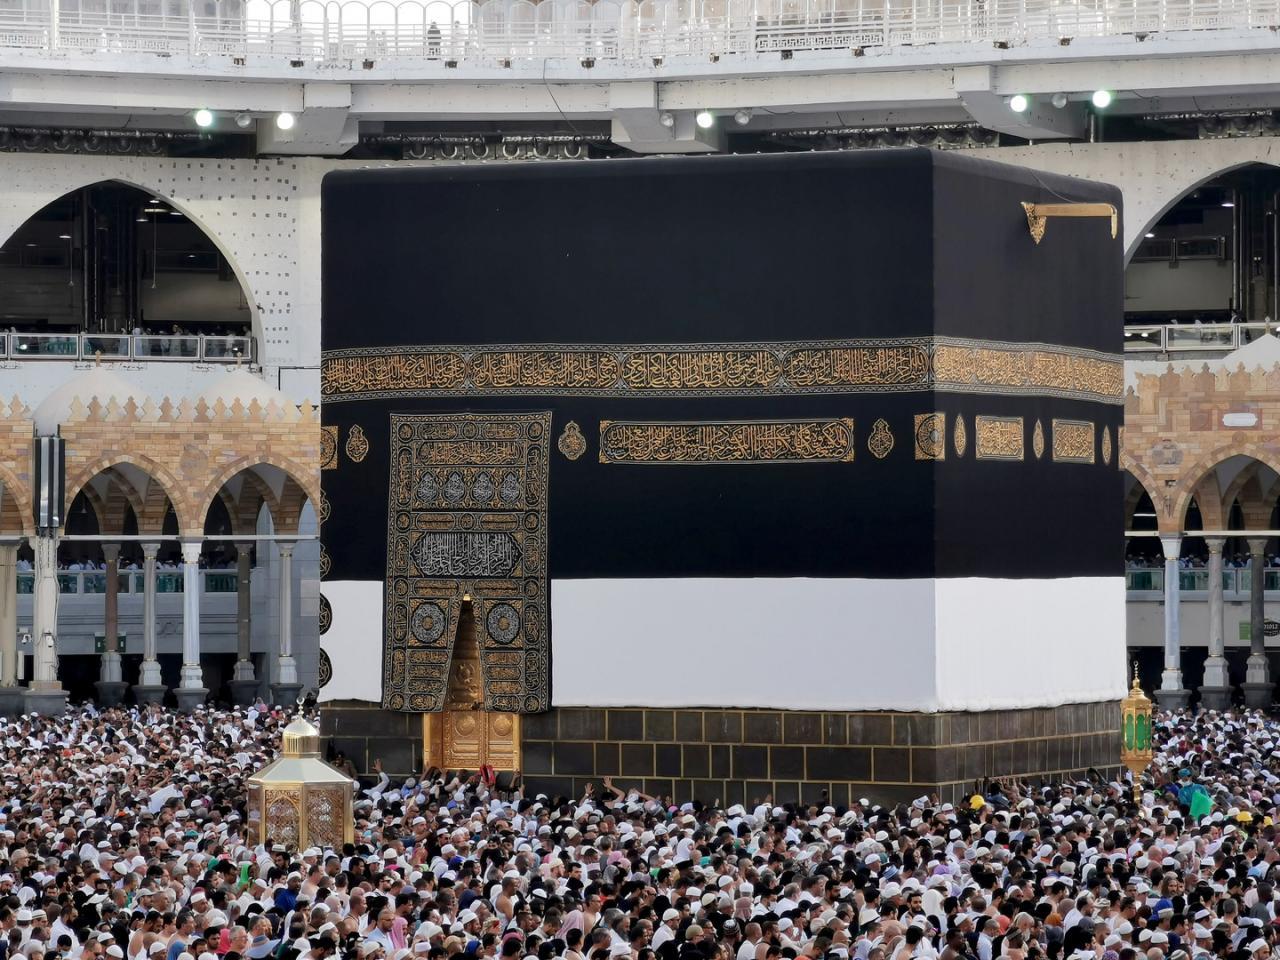 صورة رمزيات دينيه انستقرام , اقوى مجموعة رموز معبرة عن الاديان